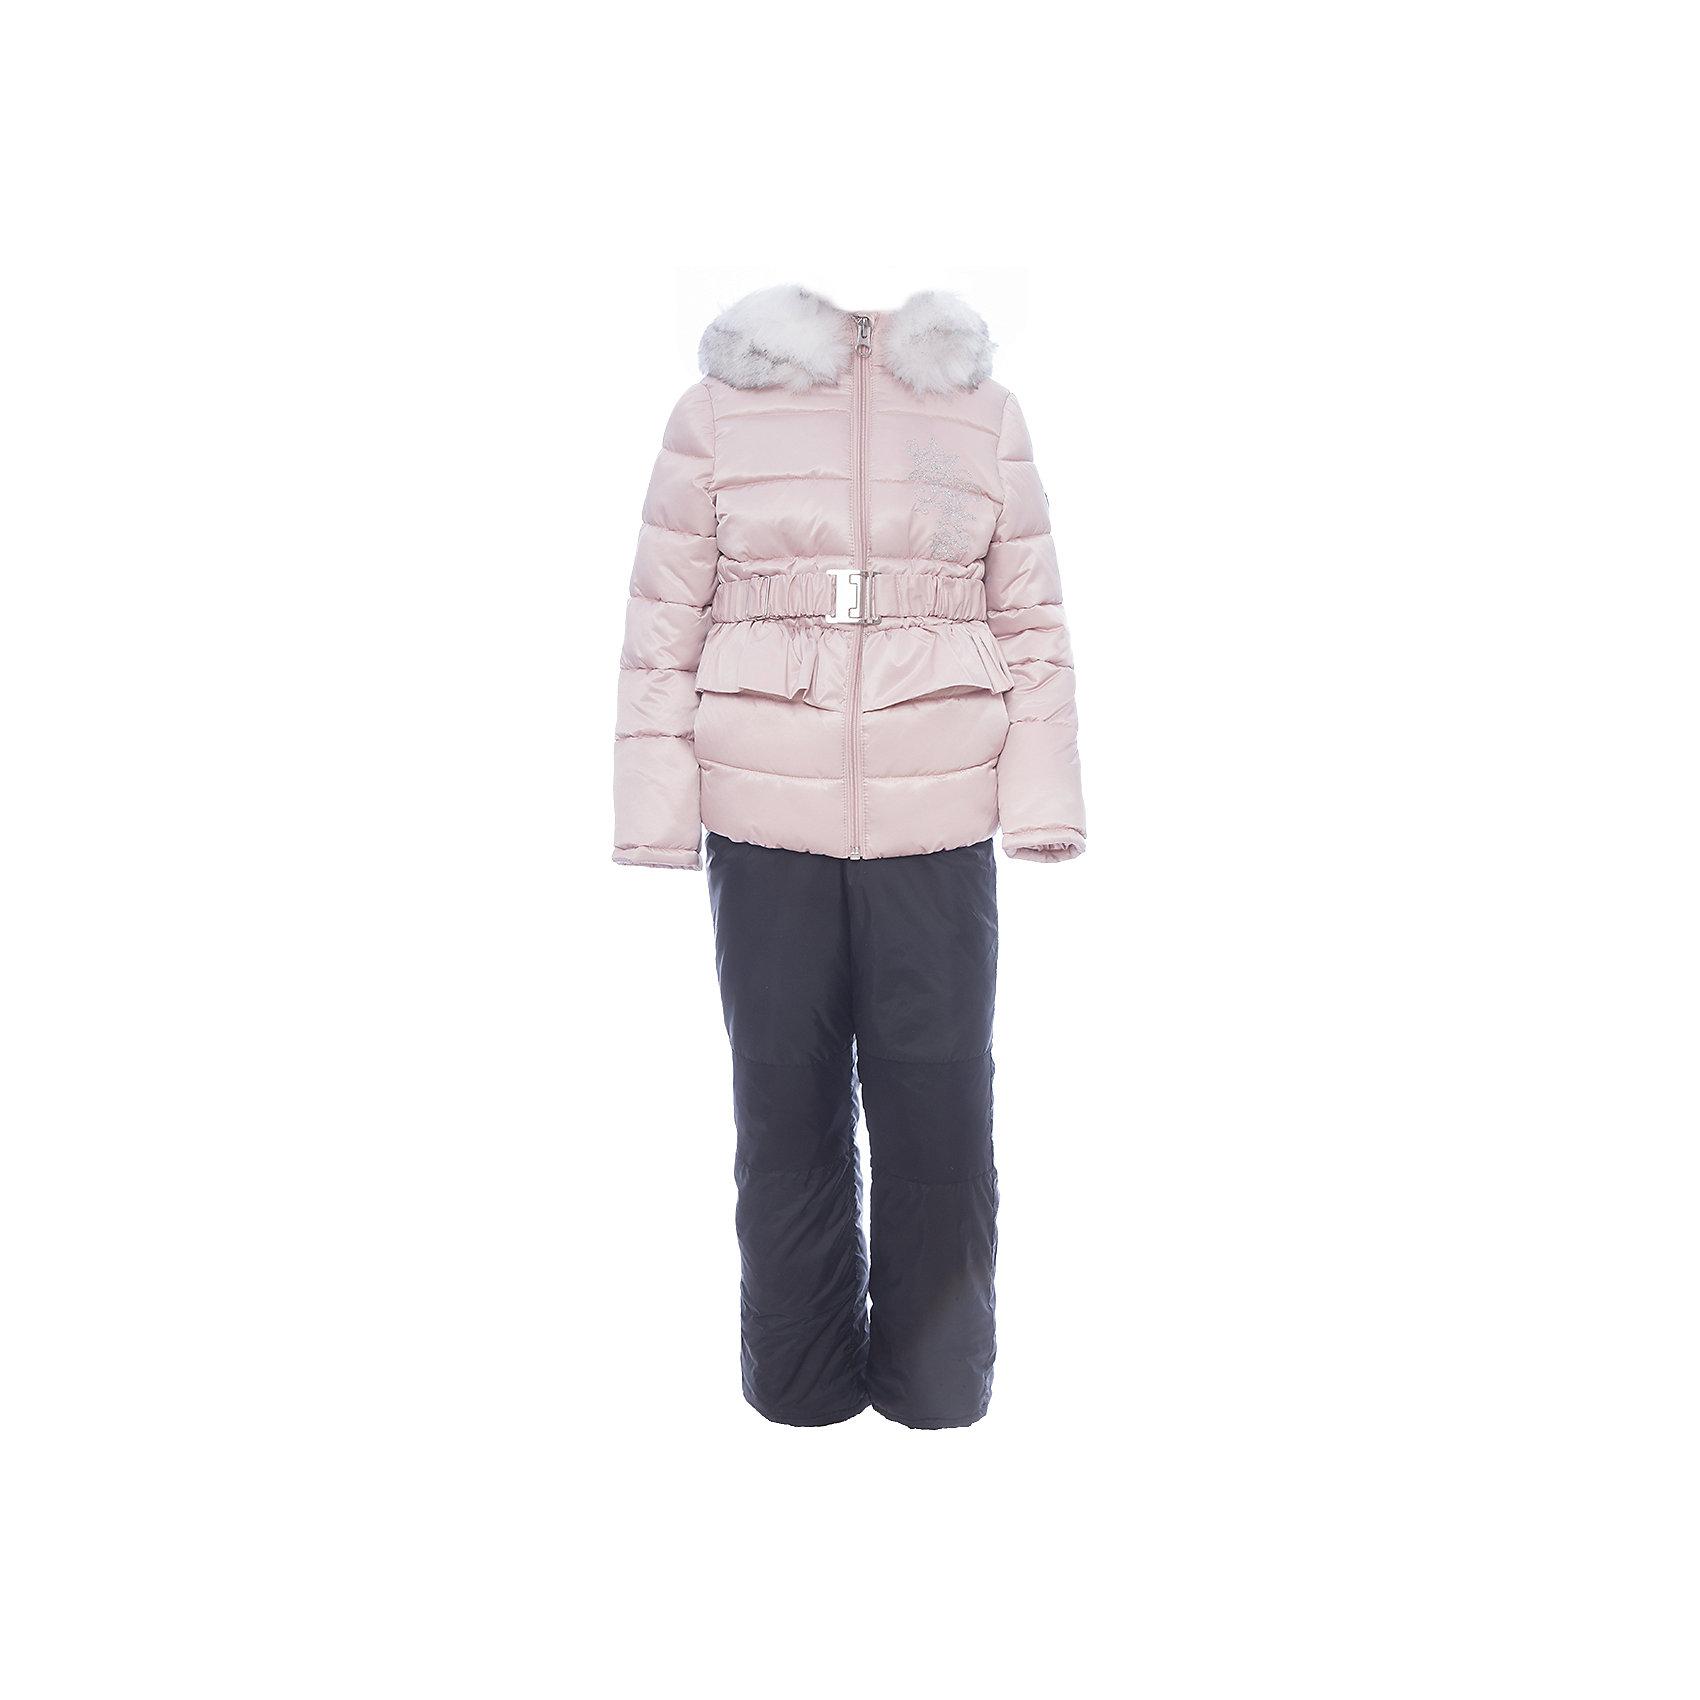 Комплект: куртка и полукомбинезон BOOM by Orby для девочкиВерхняя одежда<br>Характеристики товара:<br><br>• цвет: розовый<br>• комплектация: куртка, полукомбинезон <br>• состав ткани: атлас курточный, таффета pu milky<br>• подкладка: хлопок, флис, полиэстер пуходержащий<br>• утеплитель: эко синтепон<br>• сезон: зима<br>• температурный режим: от 0 до -30С<br>• плотность утеплителя: куртка - 400 г/м2, полукомбинезон - 200 г/м2<br>• капюшон: с мехом<br>• застежка: молния<br>• страна бренда: Россия<br>• страна изготовитель: Россия<br><br>Этот детский теплый комплект украшен опушкой. Комплект для девочки дополнен удобным капюшоном и карманами. Этот зимний детский комплект создан специально для девочек. Оригинальный зимний комплект для детей поможет обеспечить ребенку комфортный уровень утепления. <br><br>Комплект: куртка и полукомбинезон для девочки BOOM by Orby (Бум бай Орби) можно купить в нашем интернет-магазине.<br><br>Ширина мм: 356<br>Глубина мм: 10<br>Высота мм: 245<br>Вес г: 519<br>Цвет: розовый<br>Возраст от месяцев: 72<br>Возраст до месяцев: 84<br>Пол: Женский<br>Возраст: Детский<br>Размер: 122,86,92,98,104,110,116<br>SKU: 7090146